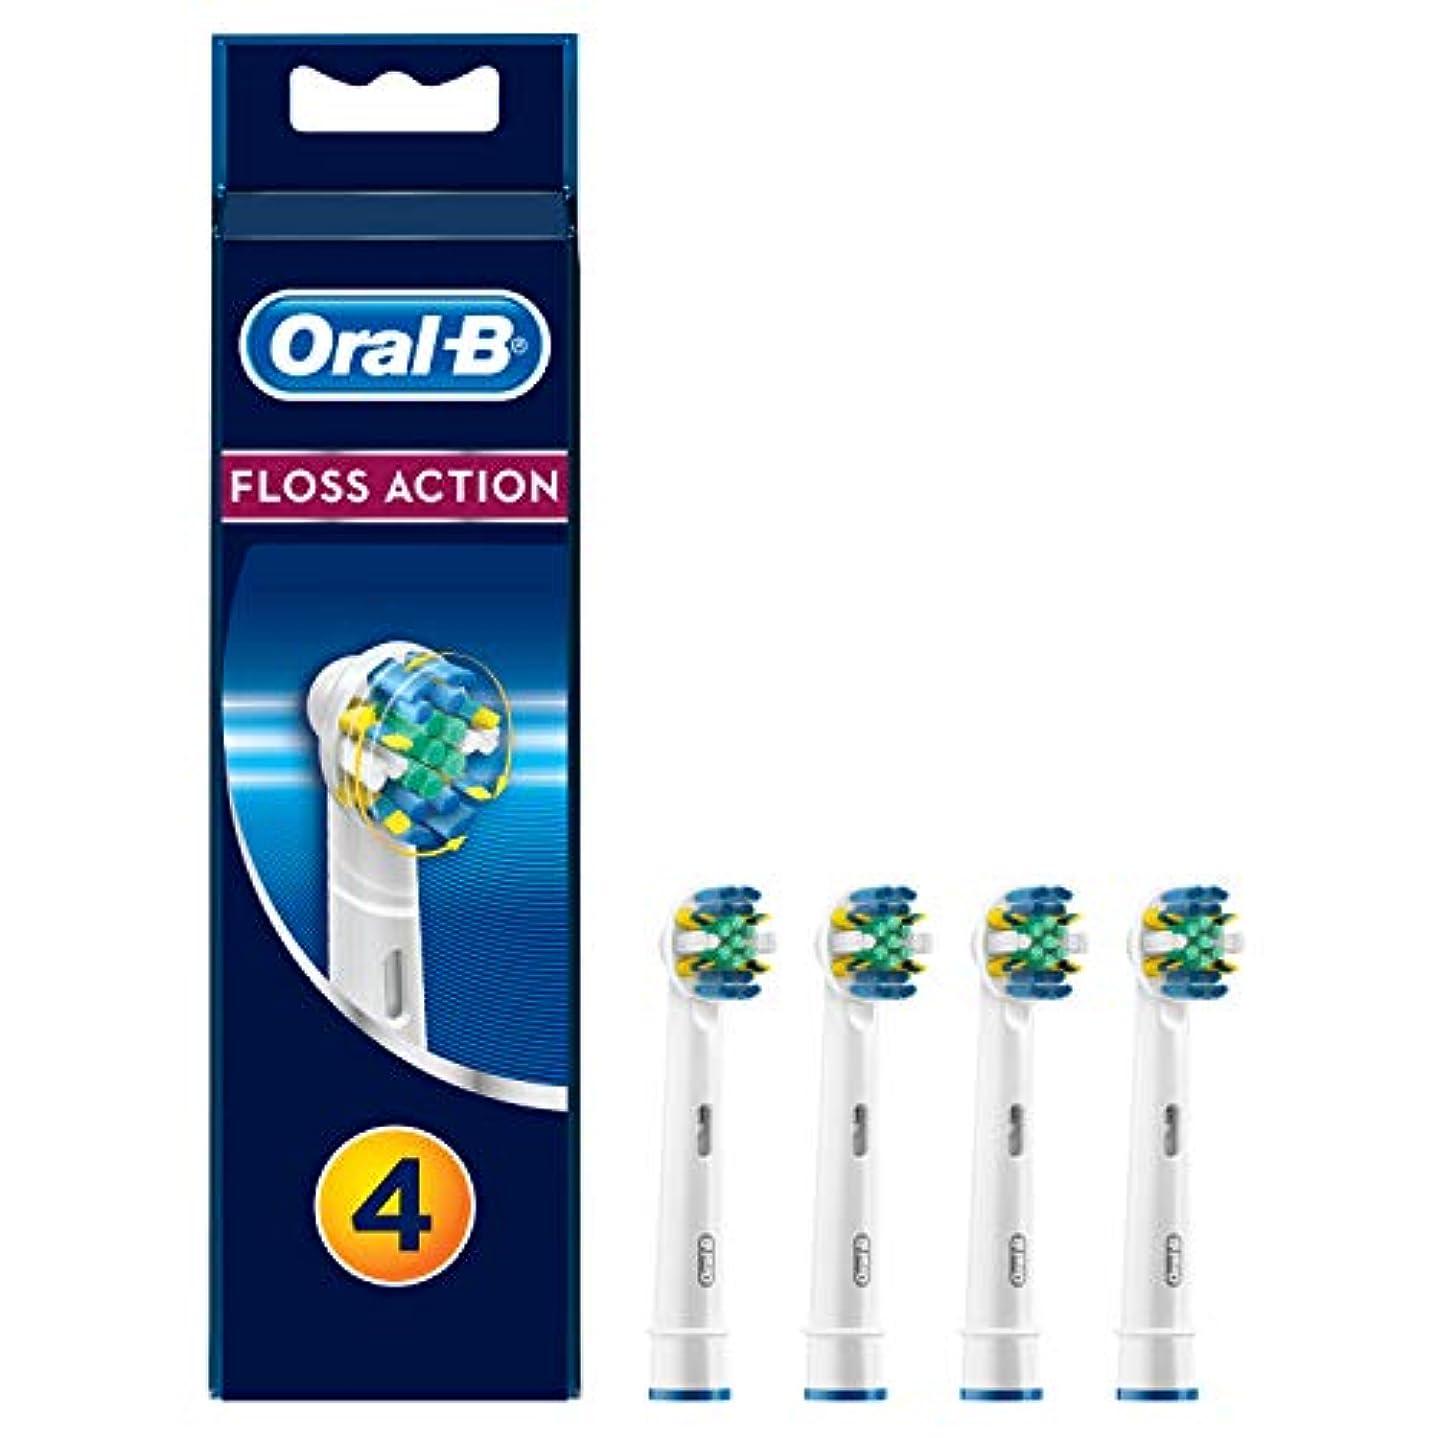 つぶす基準グラムブラウン Oral-B 歯間ワイパー付きブラシ 替ブラシ4本入 EB25-4 並行品扱い